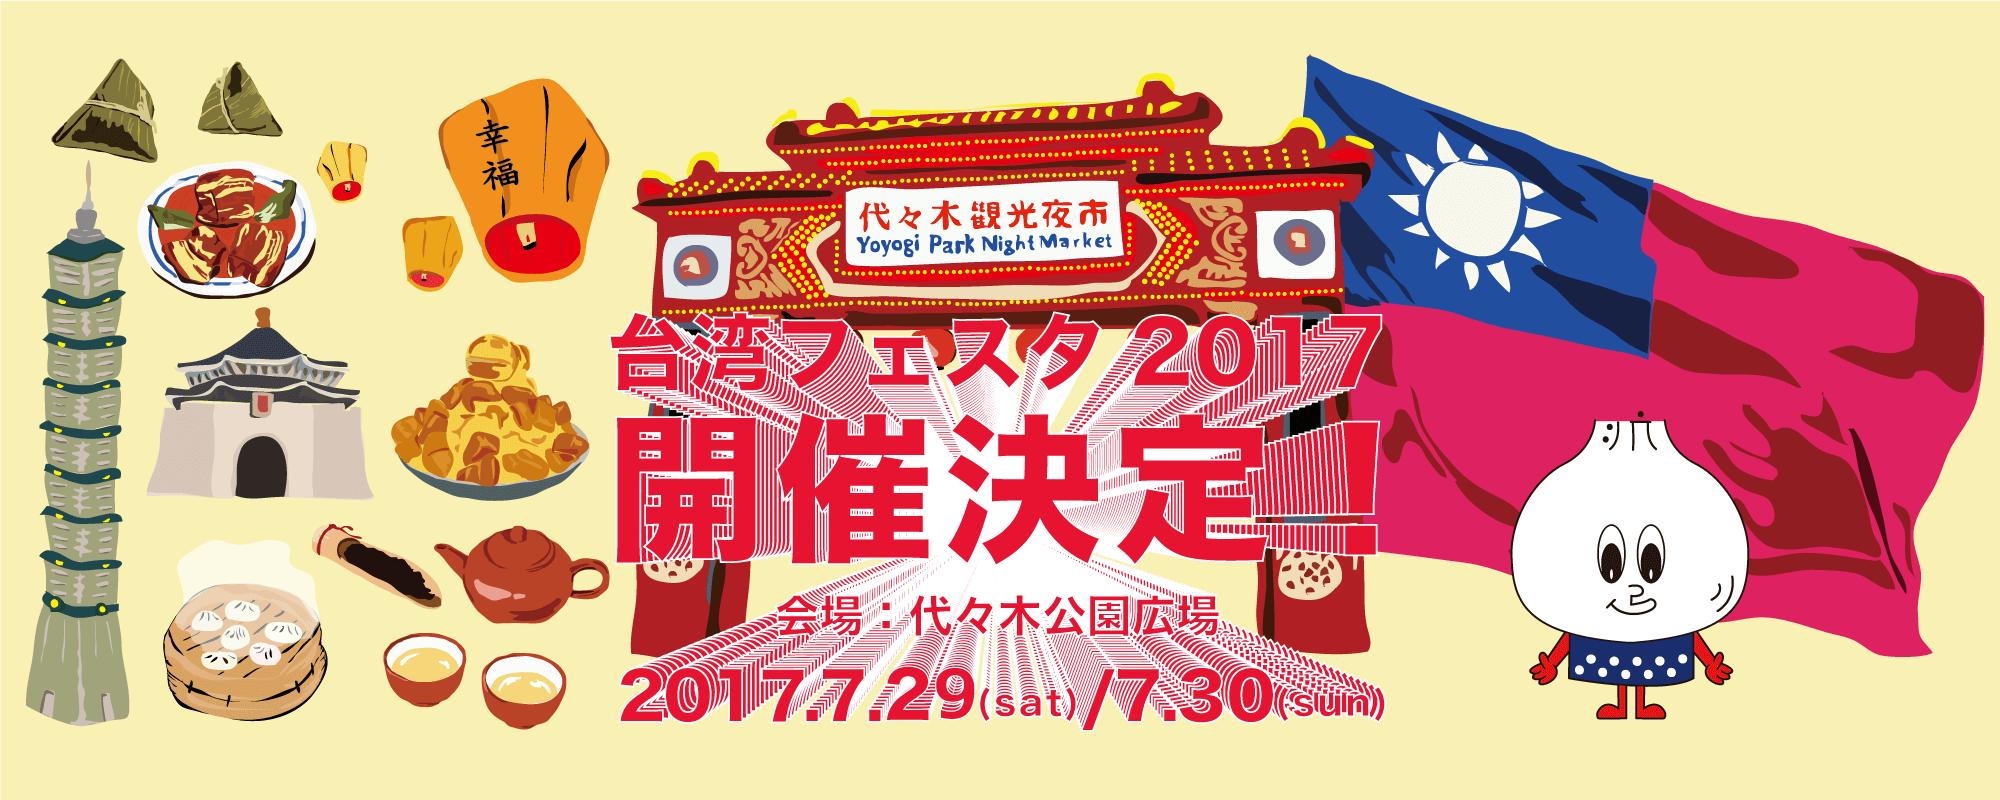 台湾フェスタ2017